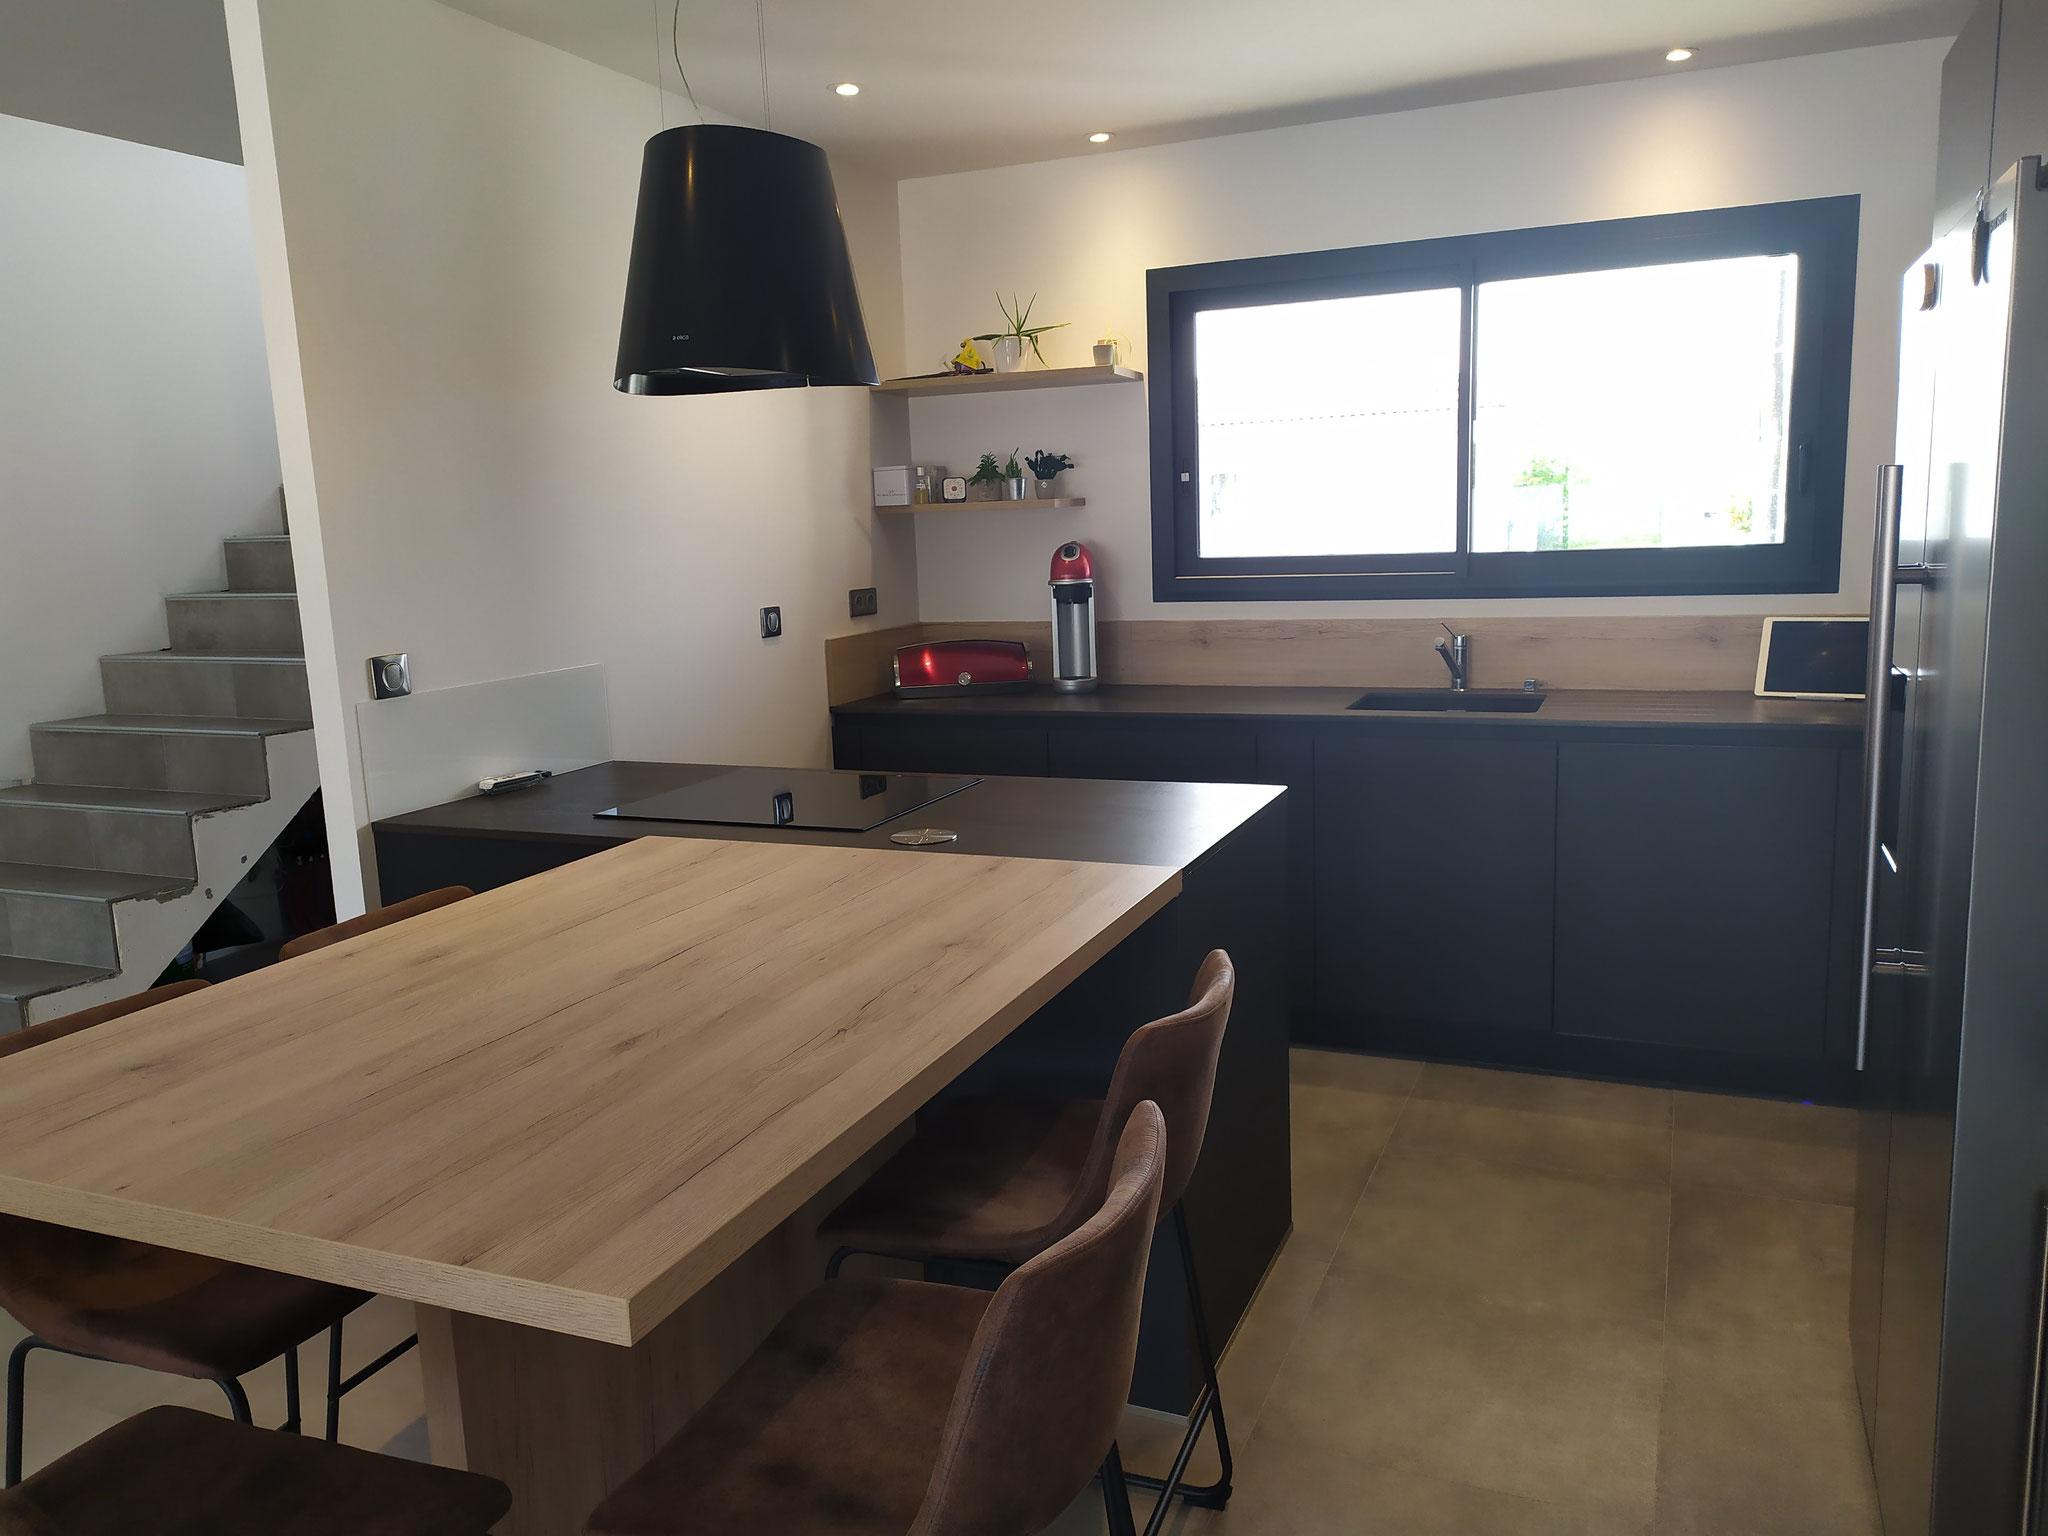 cuisine noire et bois avec ilot cuisine moderne et  haut de gamme sans poignées par Cuisine design Toulouse